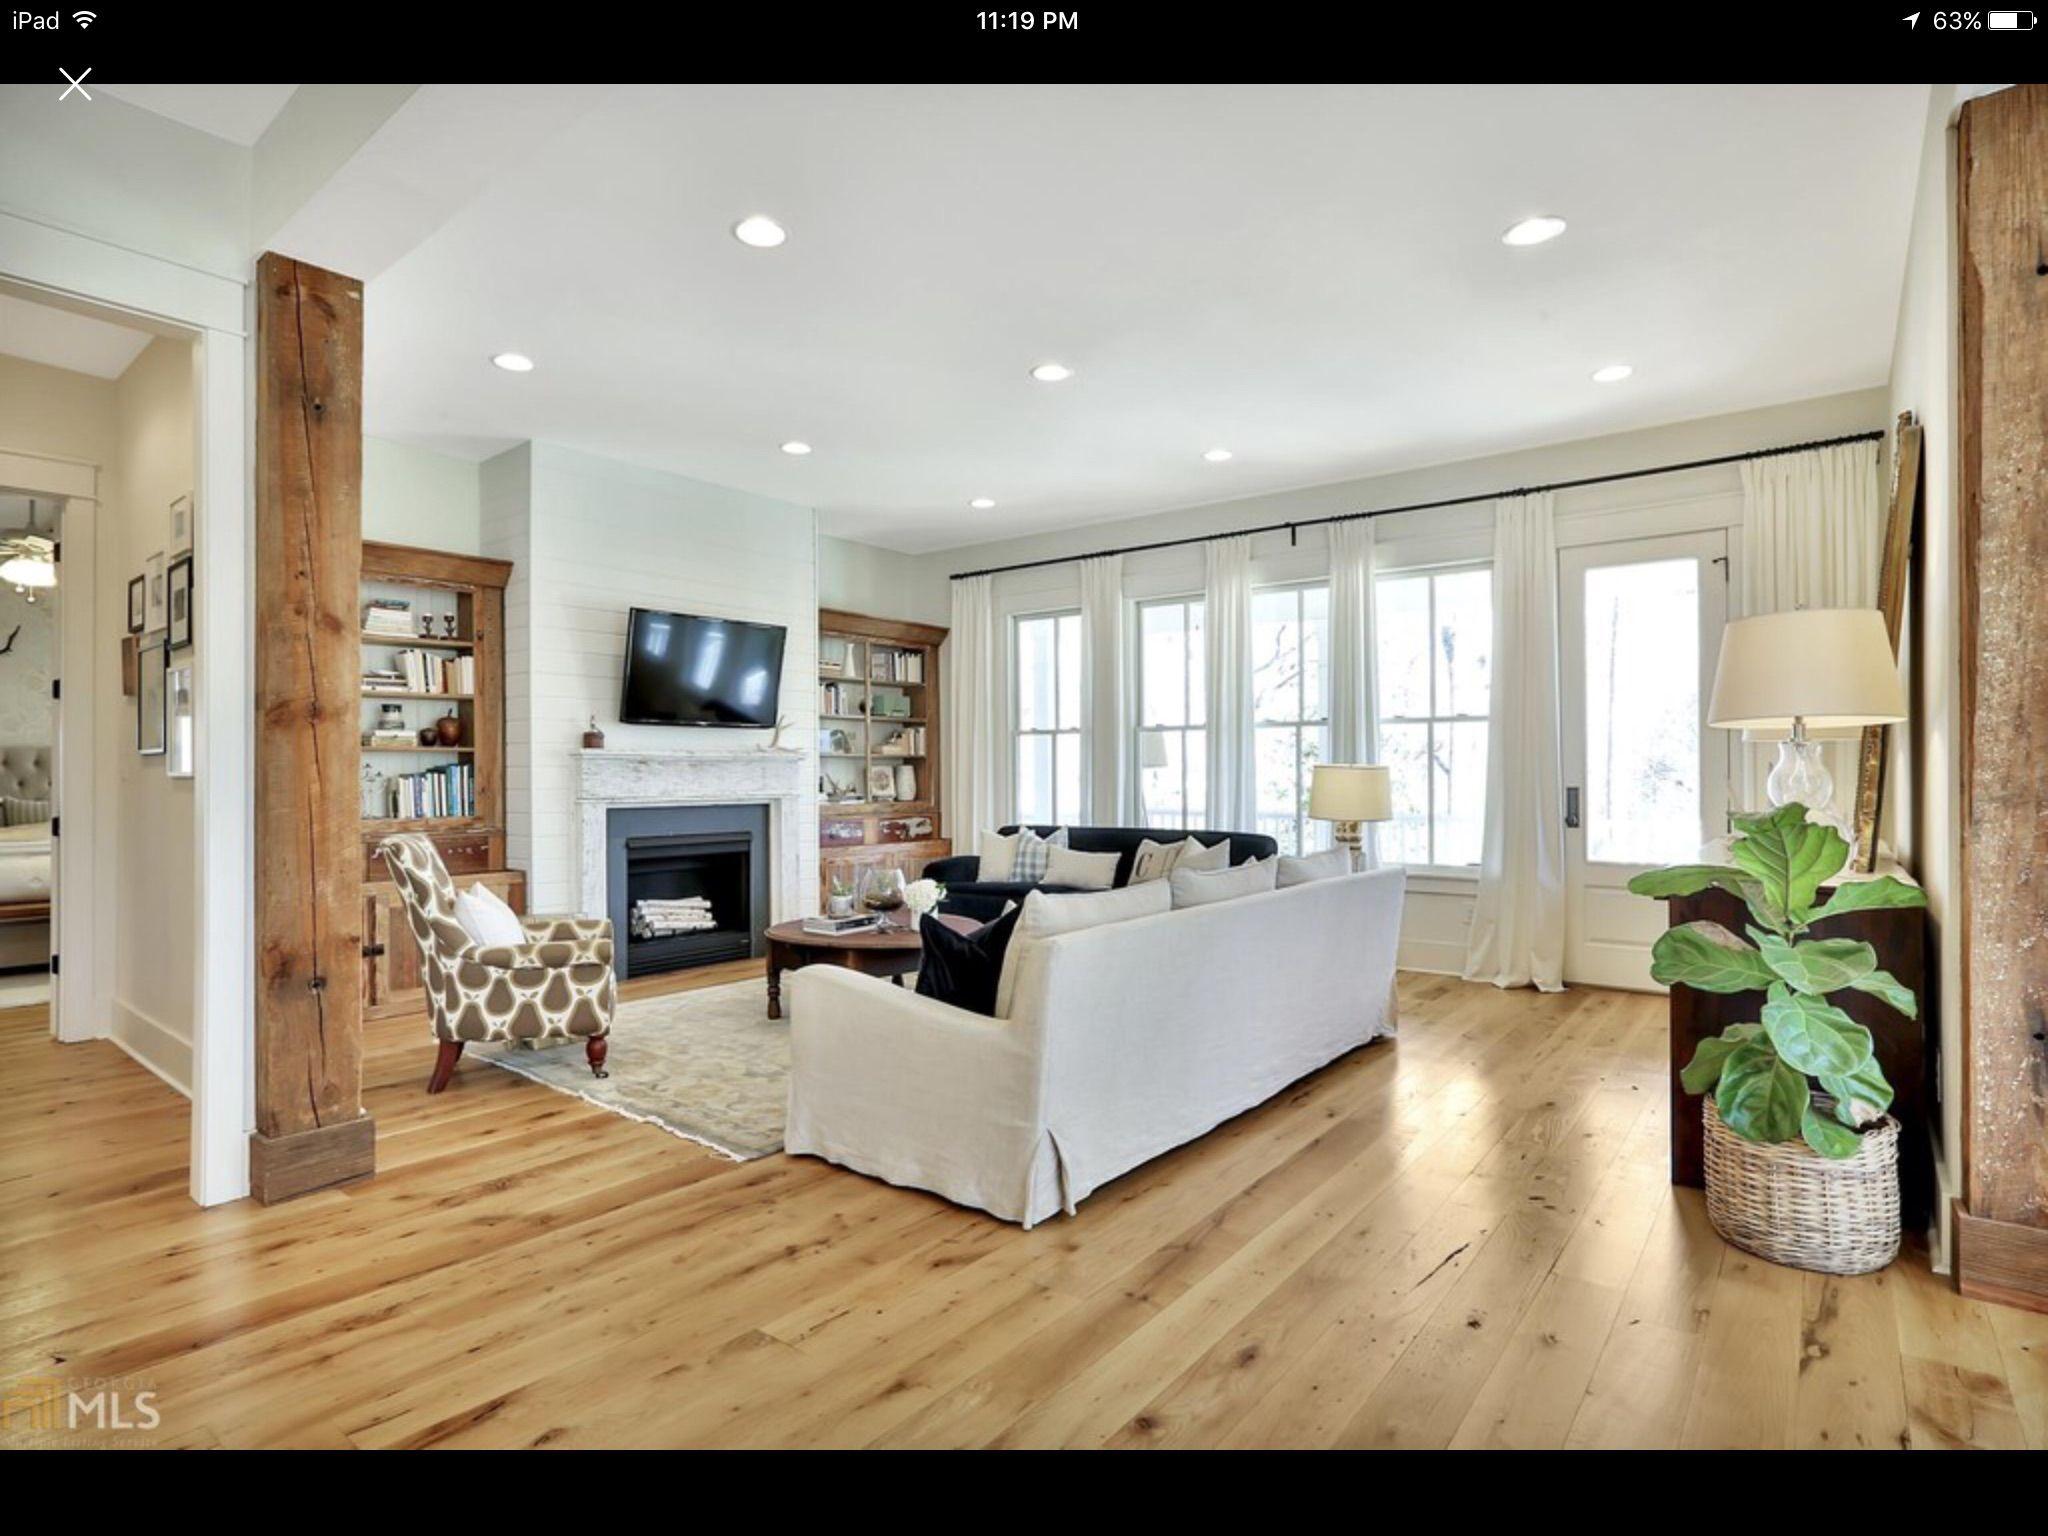 Farmhouseforfour den | Southern living house plans ...